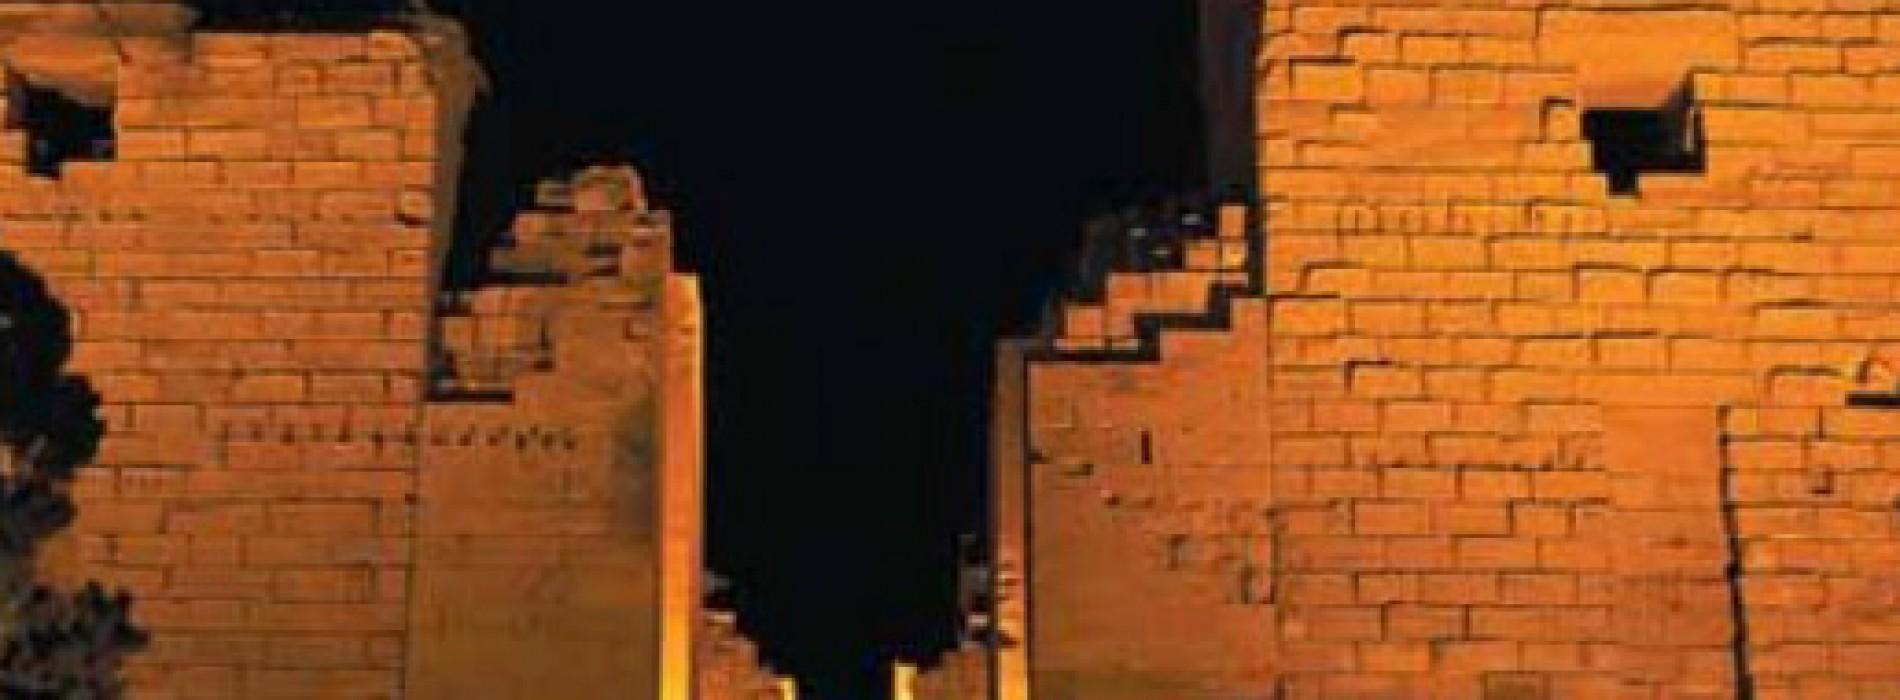 Marsa Alam și Luxor vor deveni o singură destinație turistică